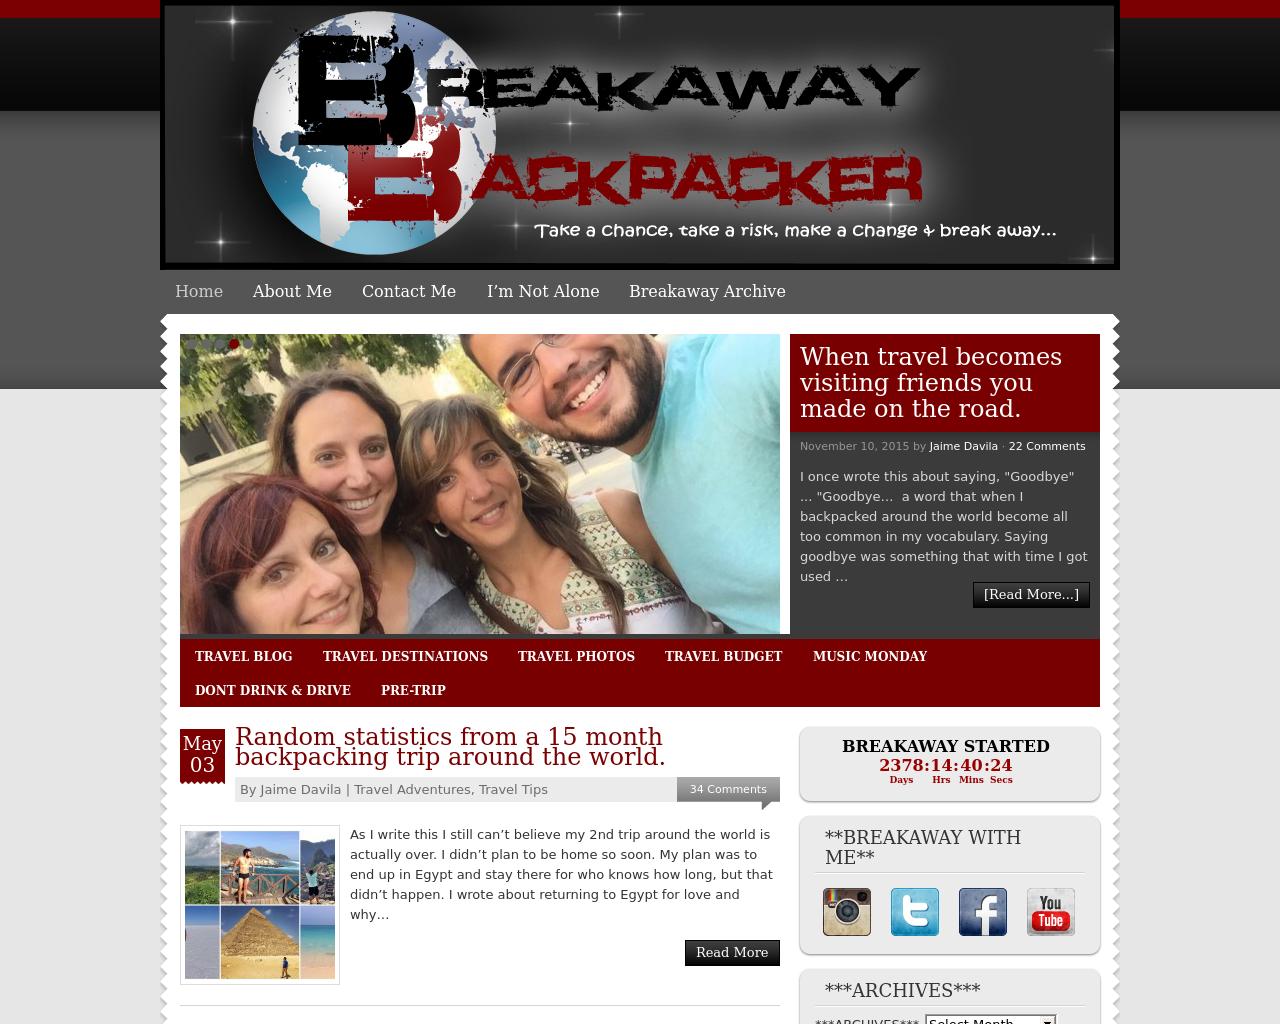 Breakaway-Backpacker-Advertising-Reviews-Pricing